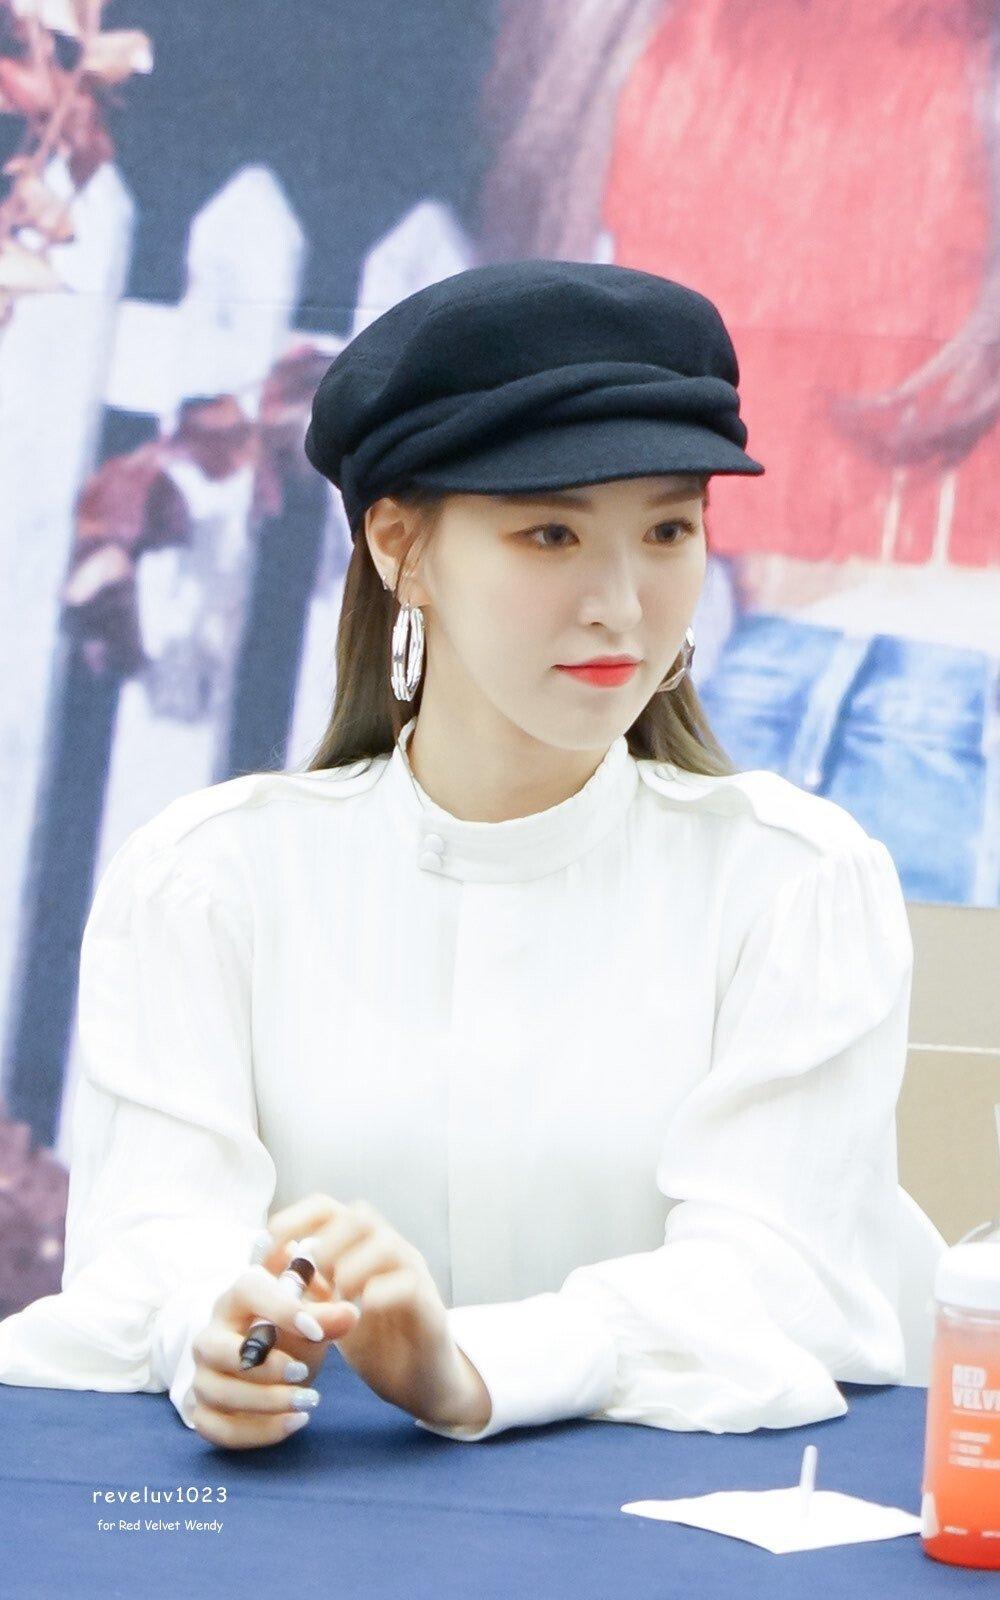 비니 - 걸그룹 갤러리 - 에펨코리아 - 2020   비니, 리즈, 여자친구